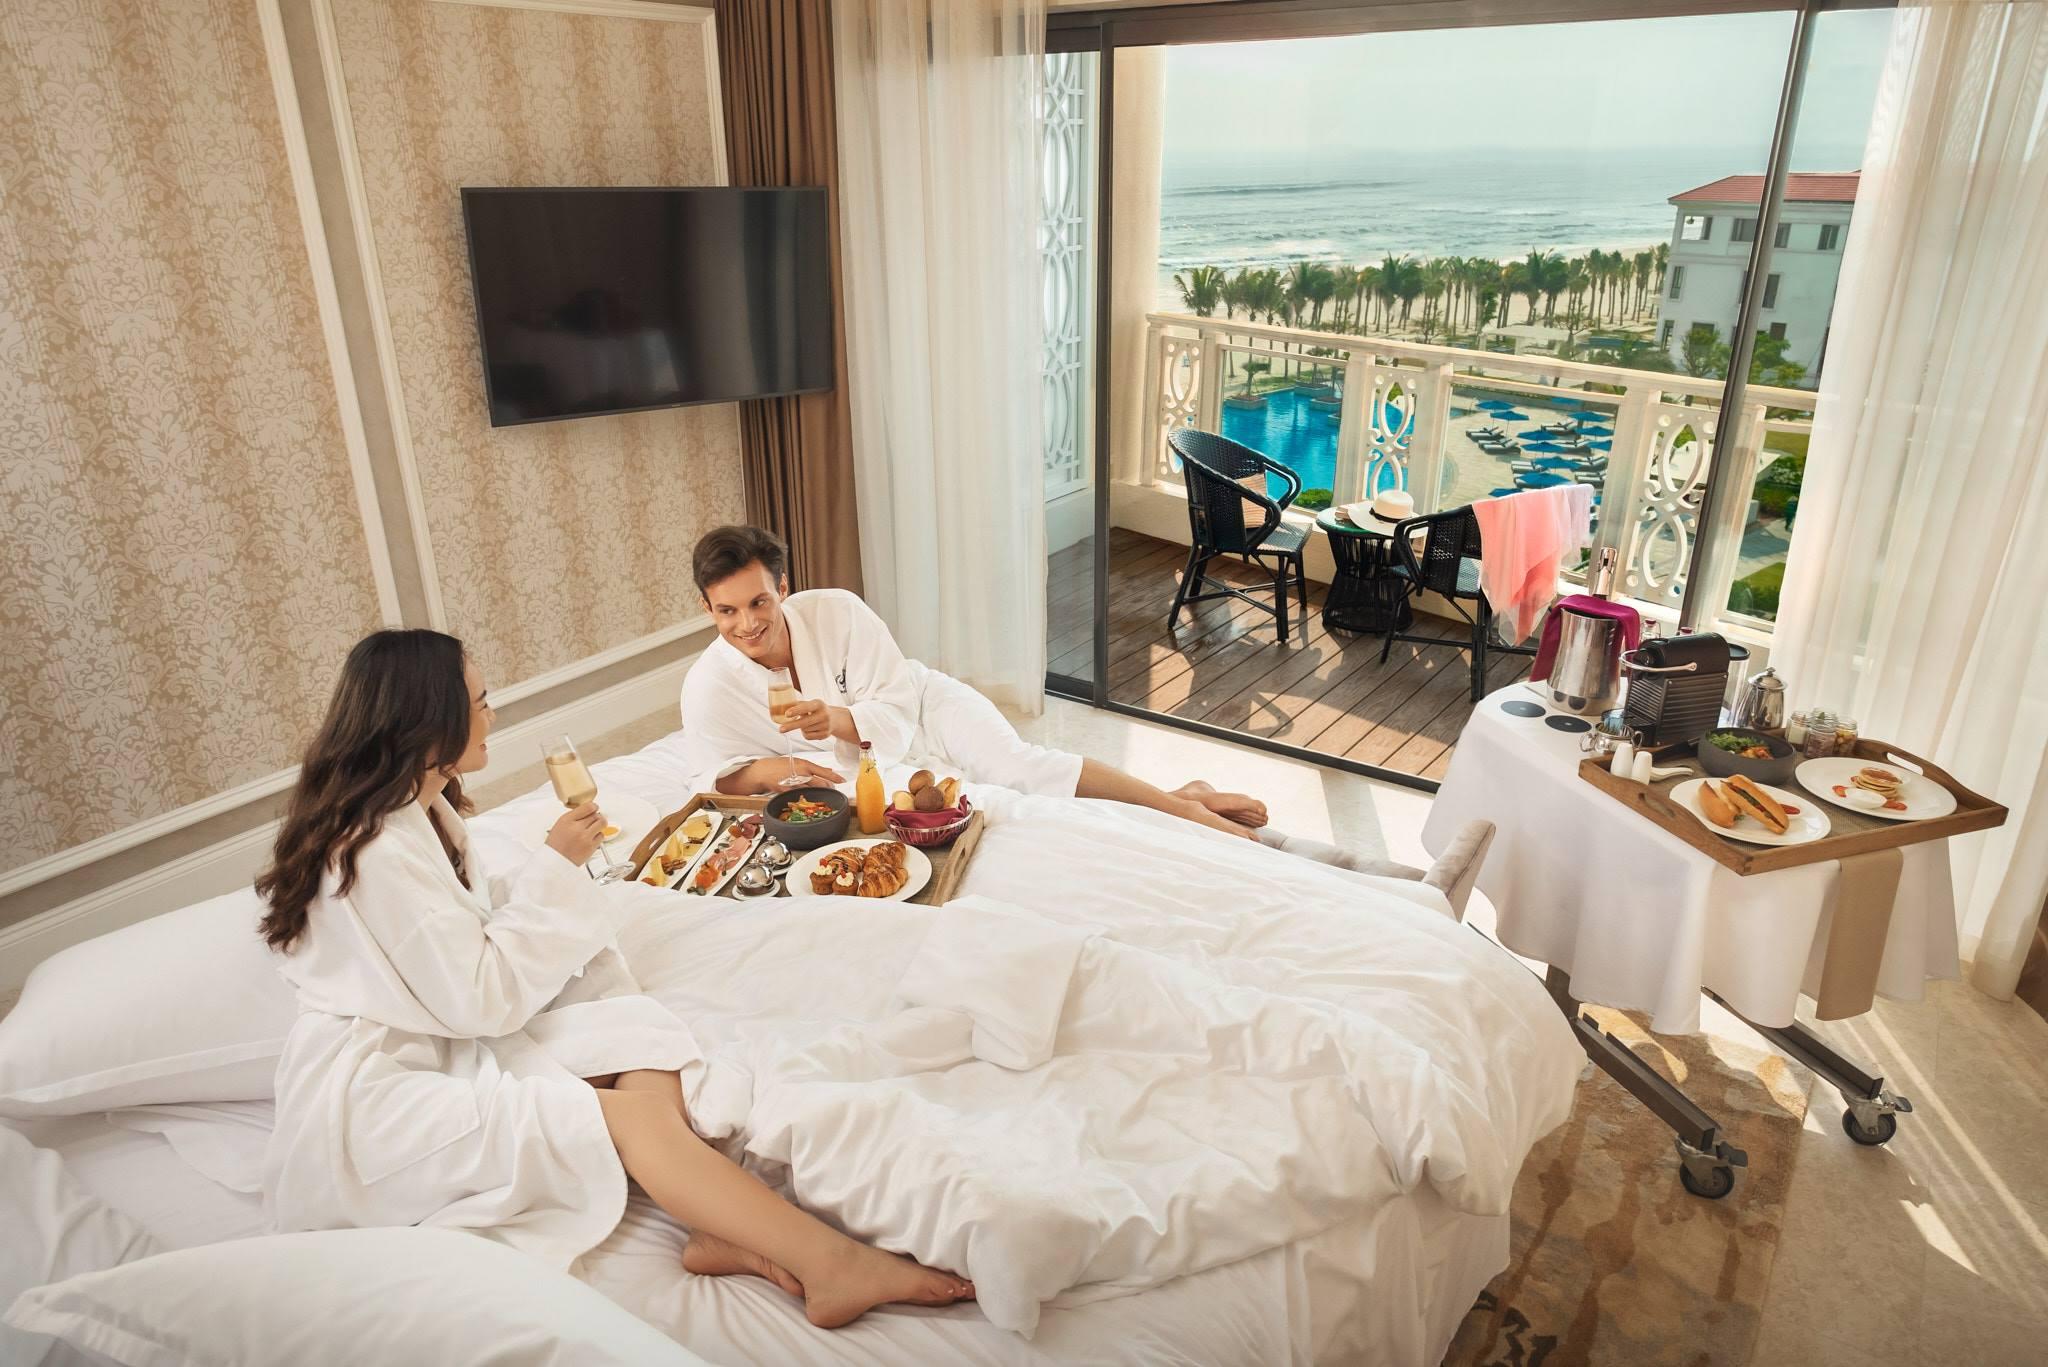 Tiệc cưới bãi biển - Phòng nghỉ tại Sheraton Grand Danang resort